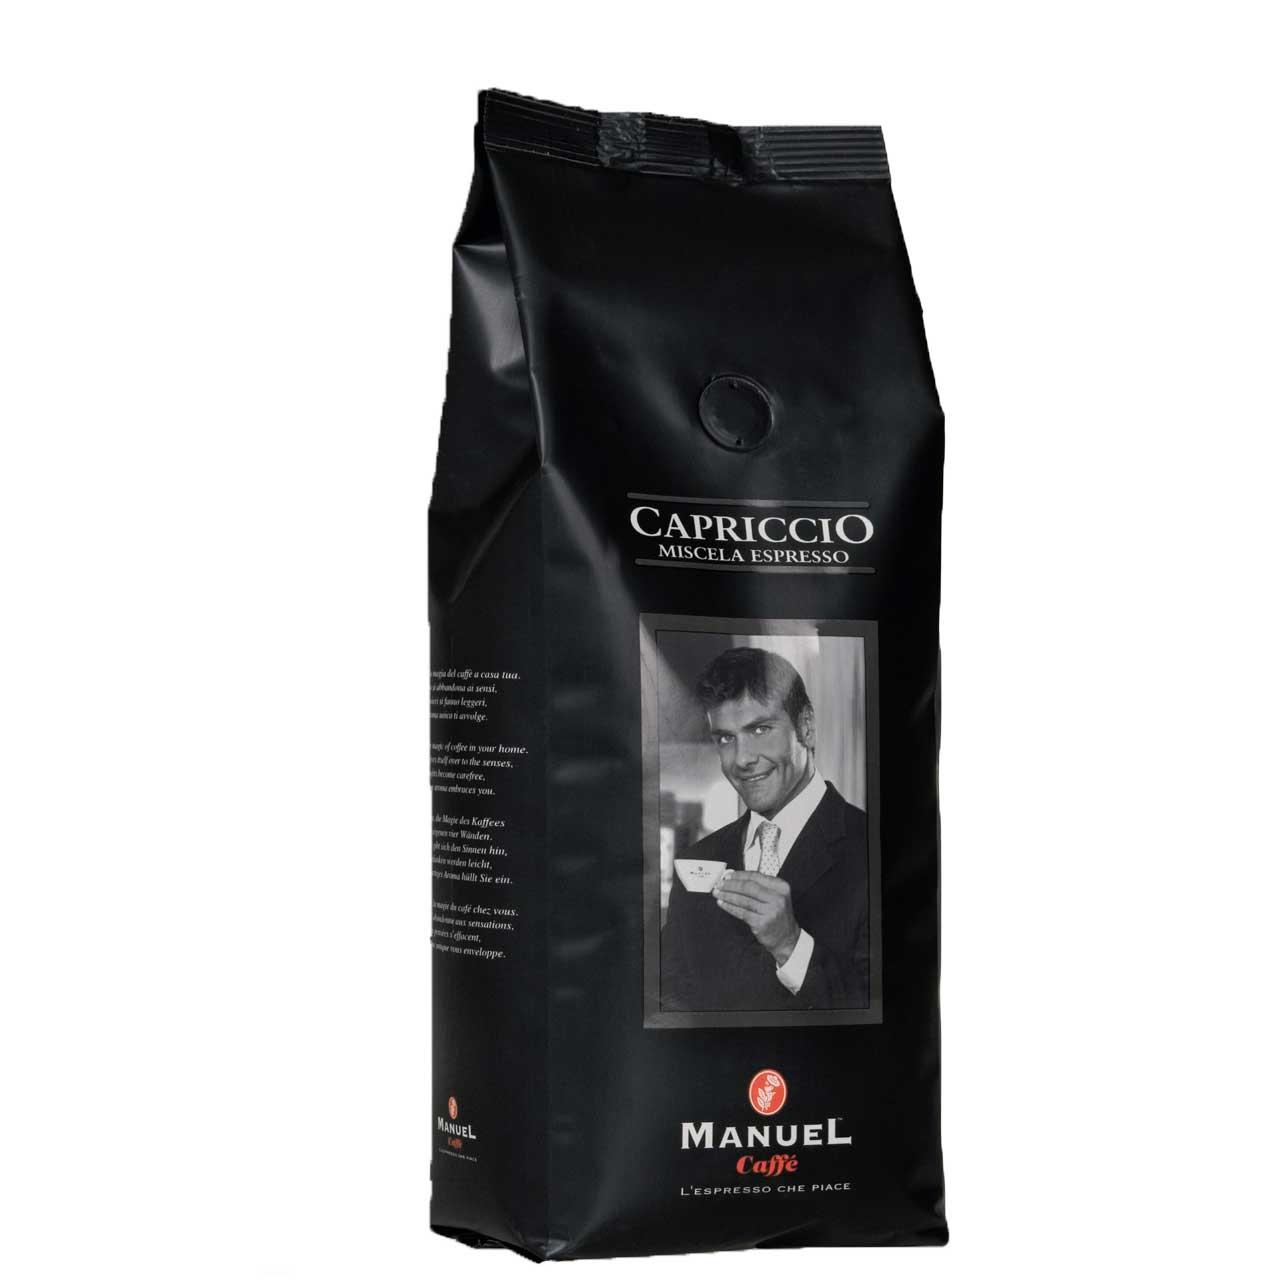 دانه قهوه مانوئل کافه مدل capriccio بسته 500 گرمی